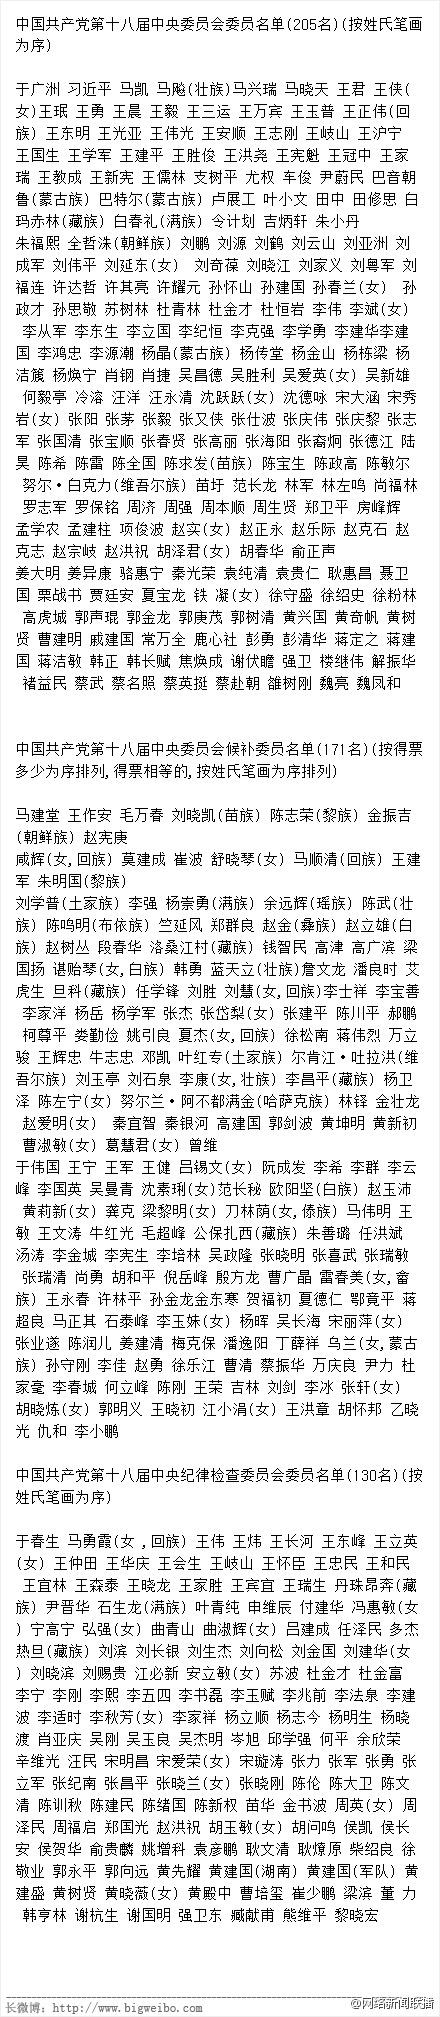 王岐山等130人当选中纪委委员